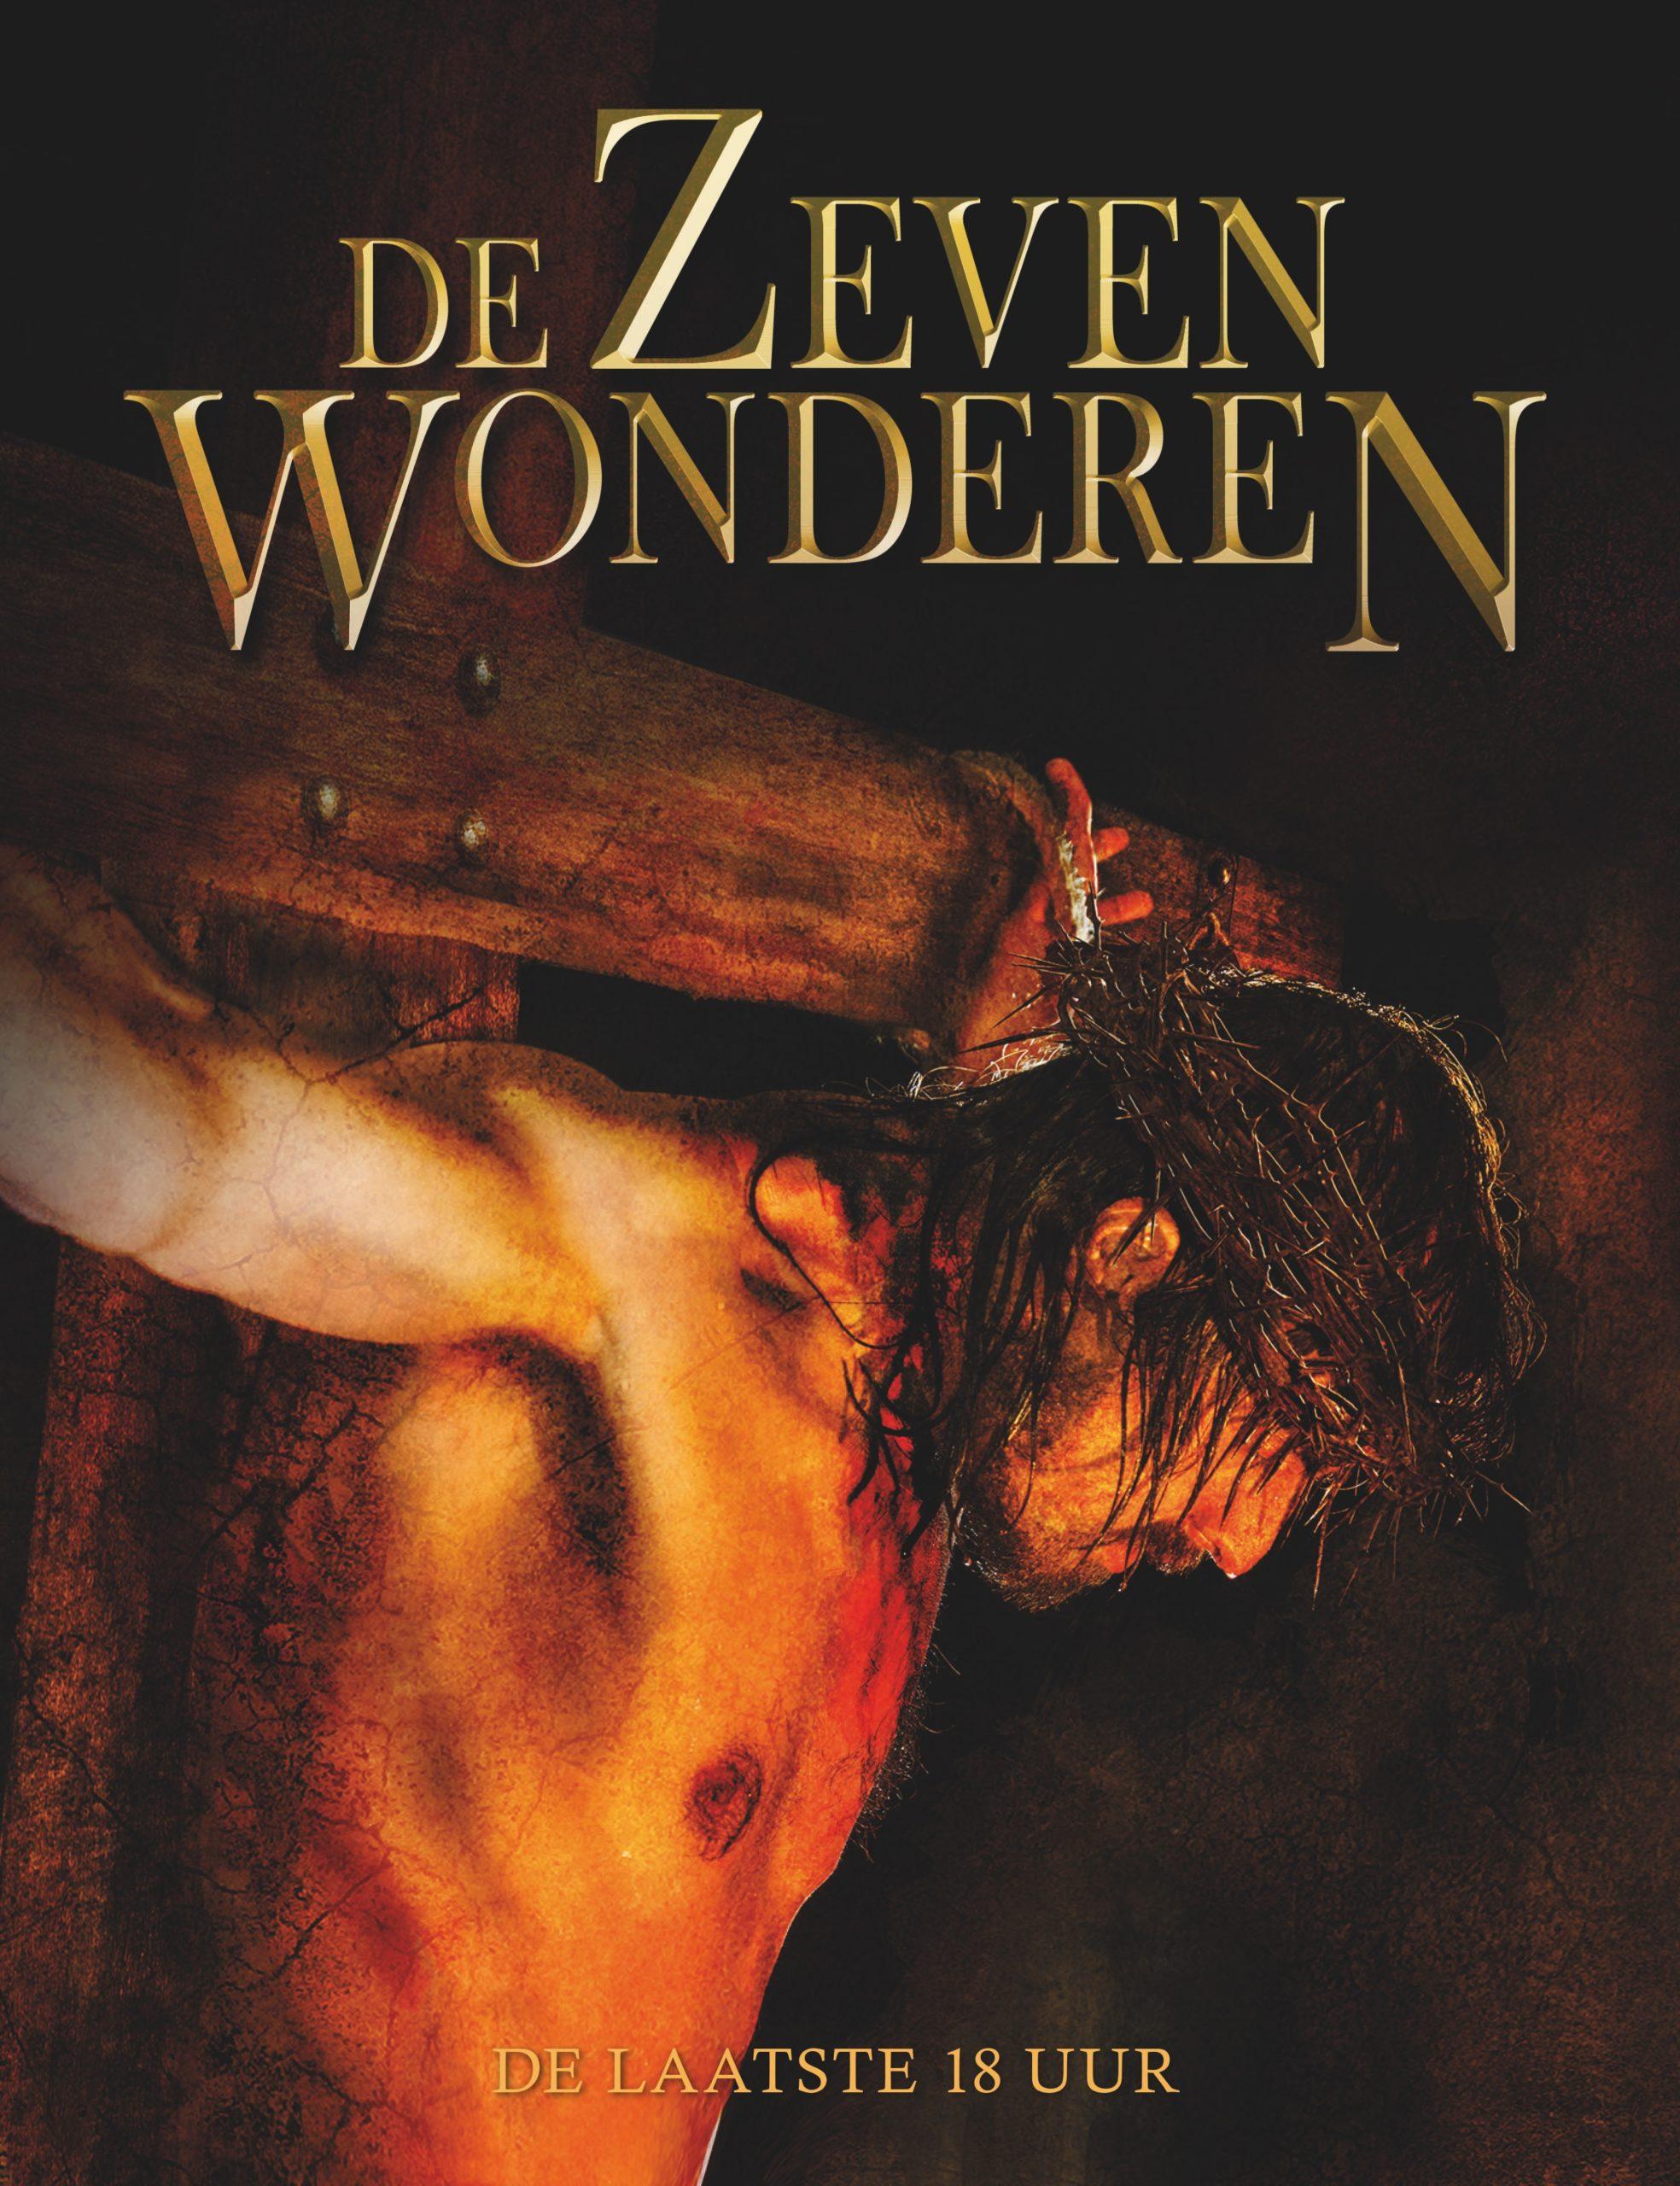 De-zeven-wonderen-glossy